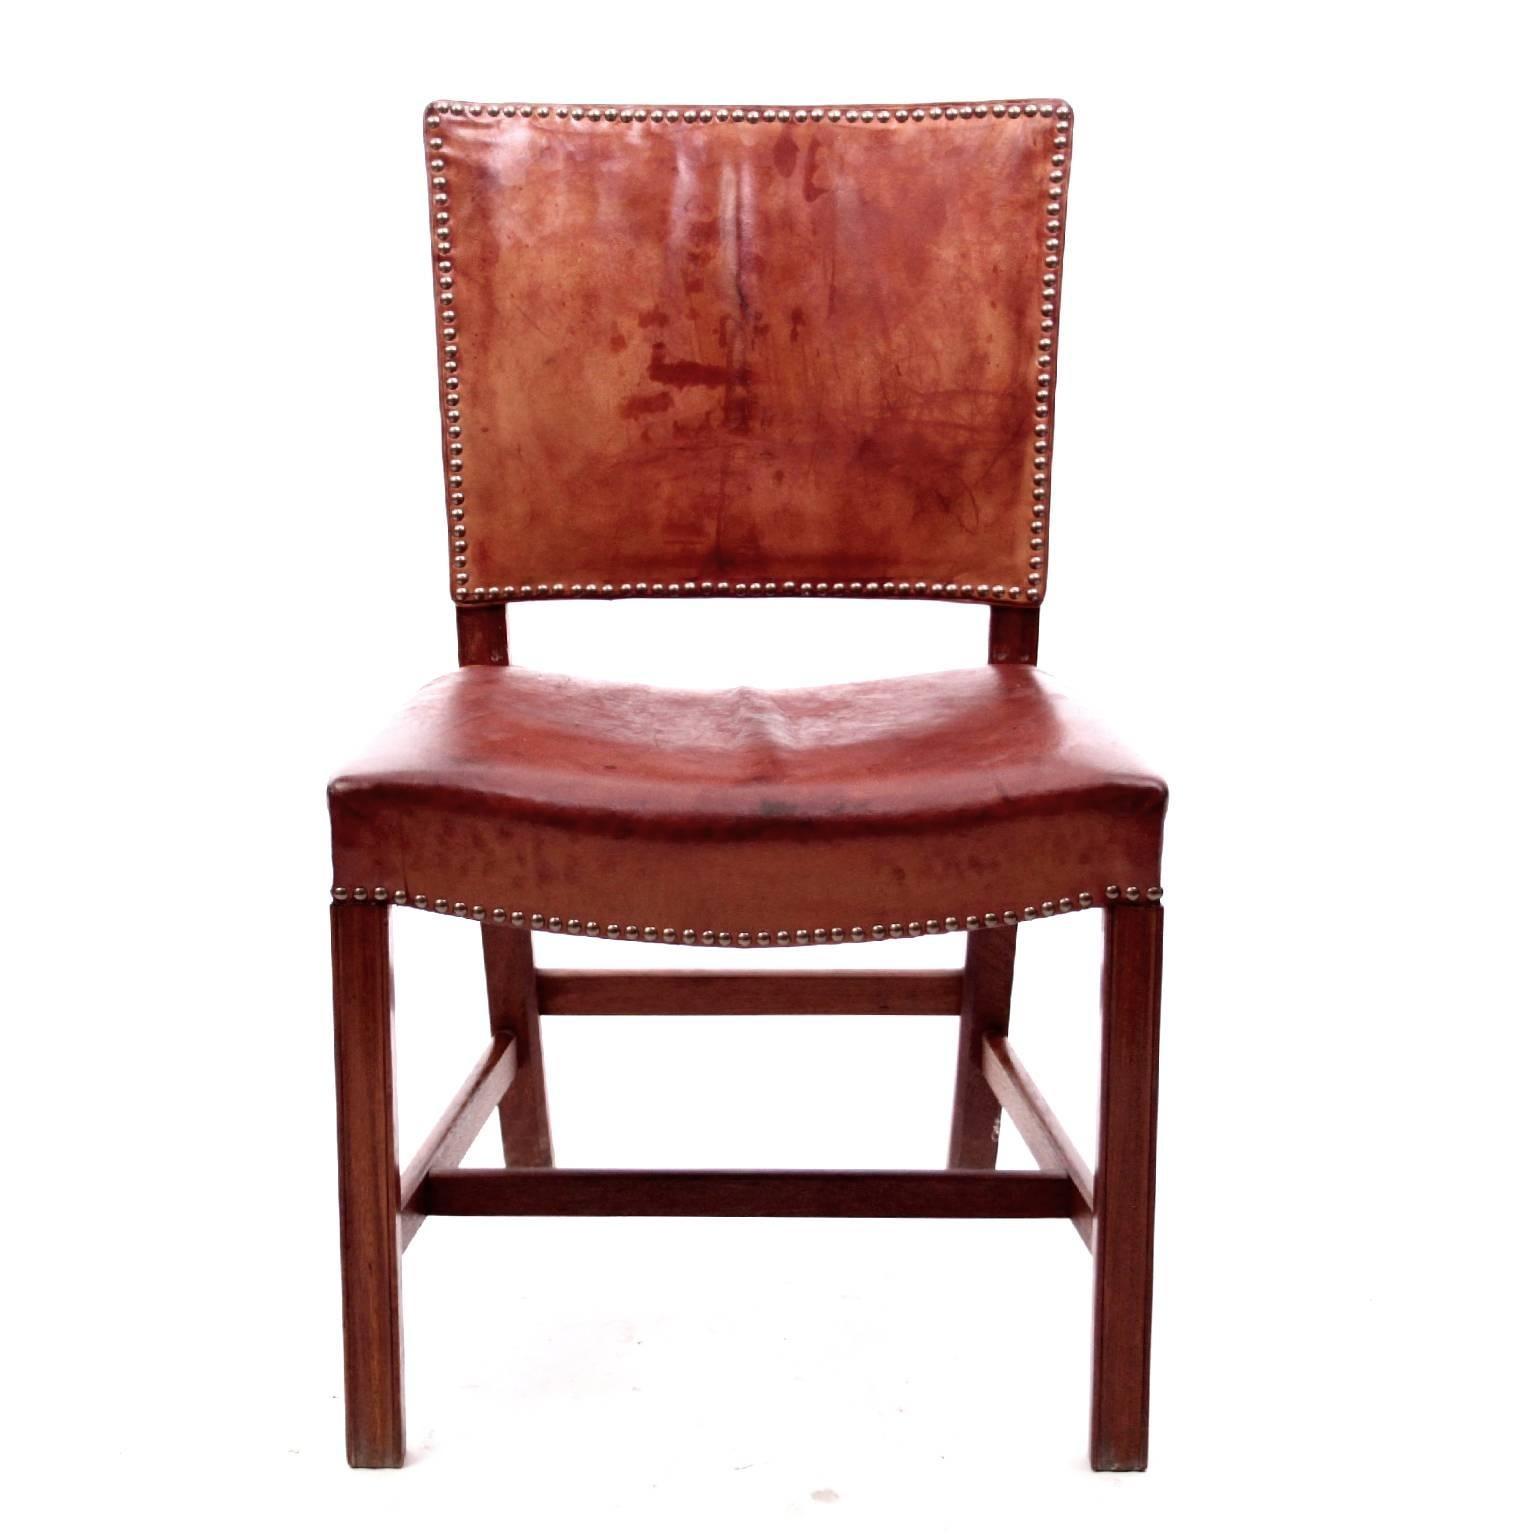 red chairs for sale cat hammock under chair kaare klint scandinavian modern at 1stdibs